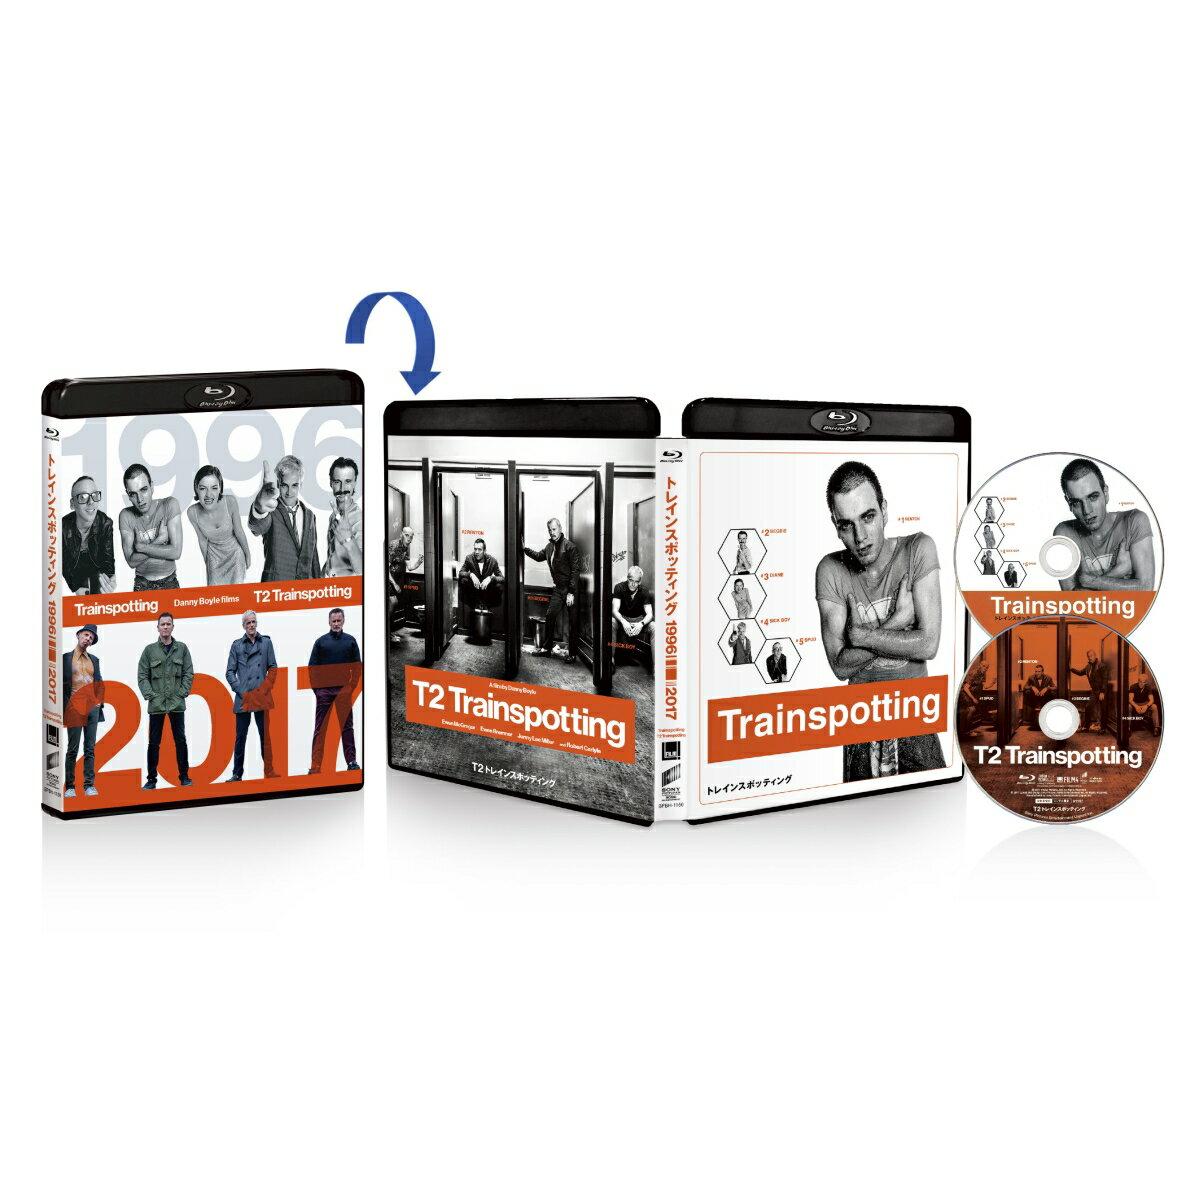 トレインスポッティング 1996/2017 ブルーレイセット(初回生産限定)【Blu-ray】 [ ユアン・マクレガー ]